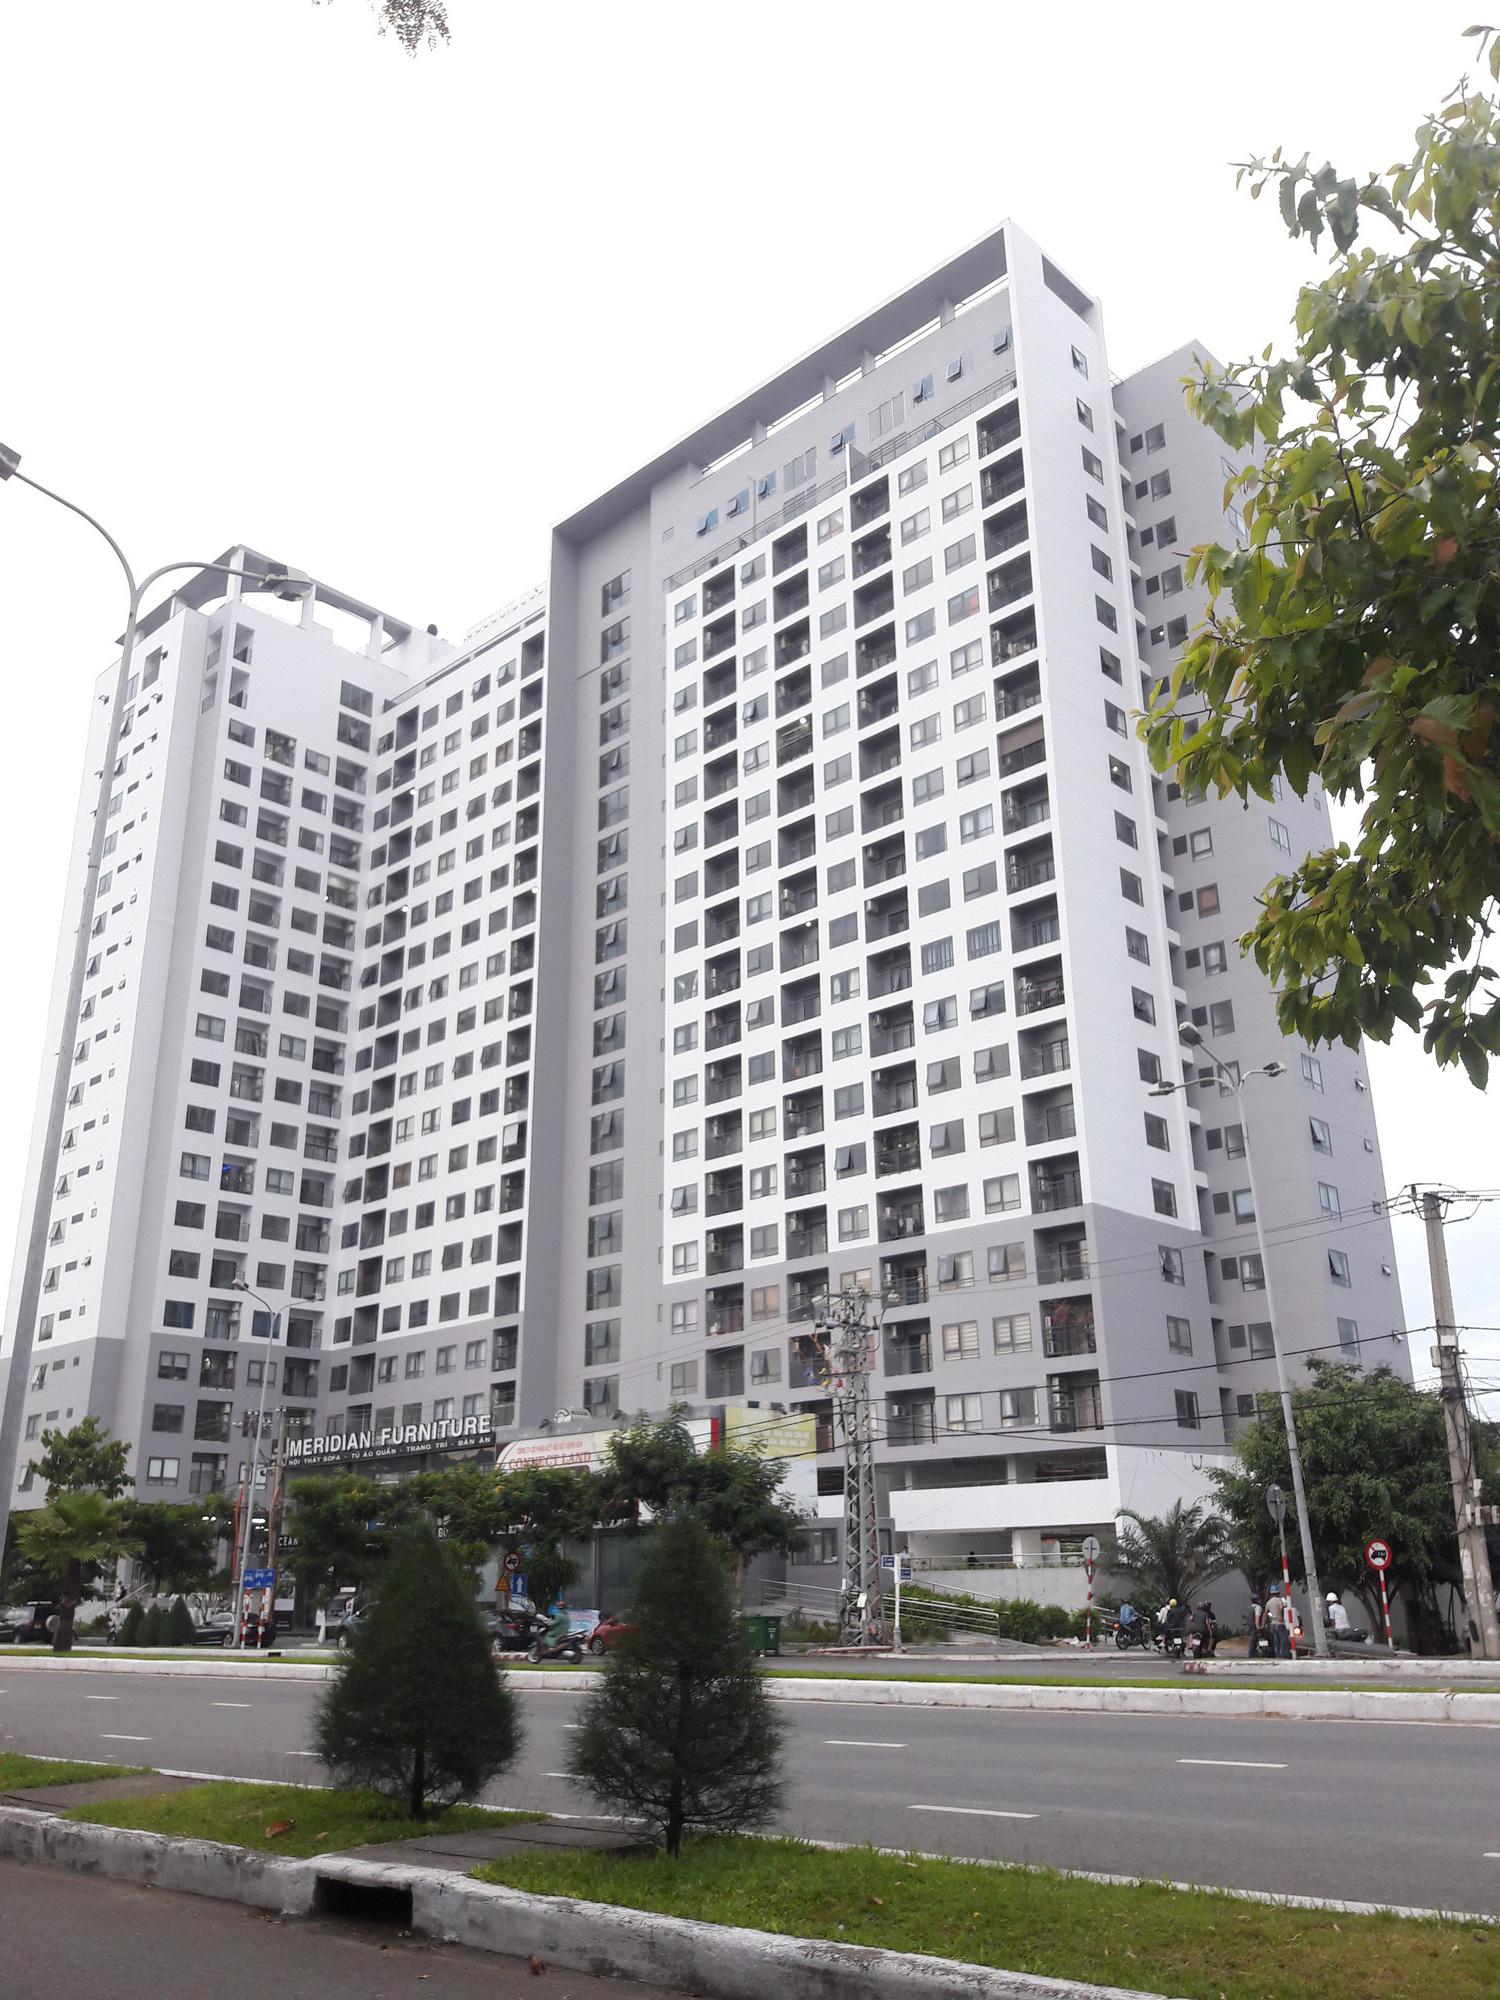 Chung cư cao cấp The Summit ở Đà Nẵng chưa đủ pháp lí đã bán căn hộ, đưa dân vào ở - Ảnh 1.